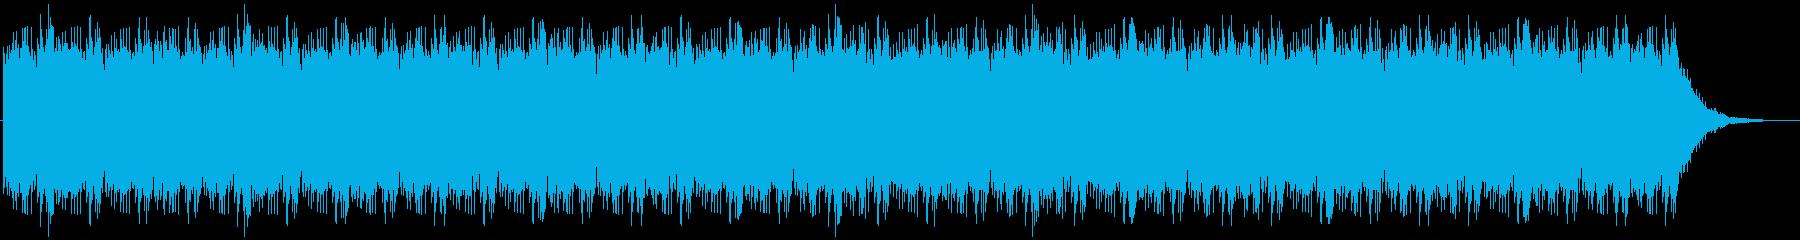 【ミニマル】ニュースE・報道・ループの再生済みの波形